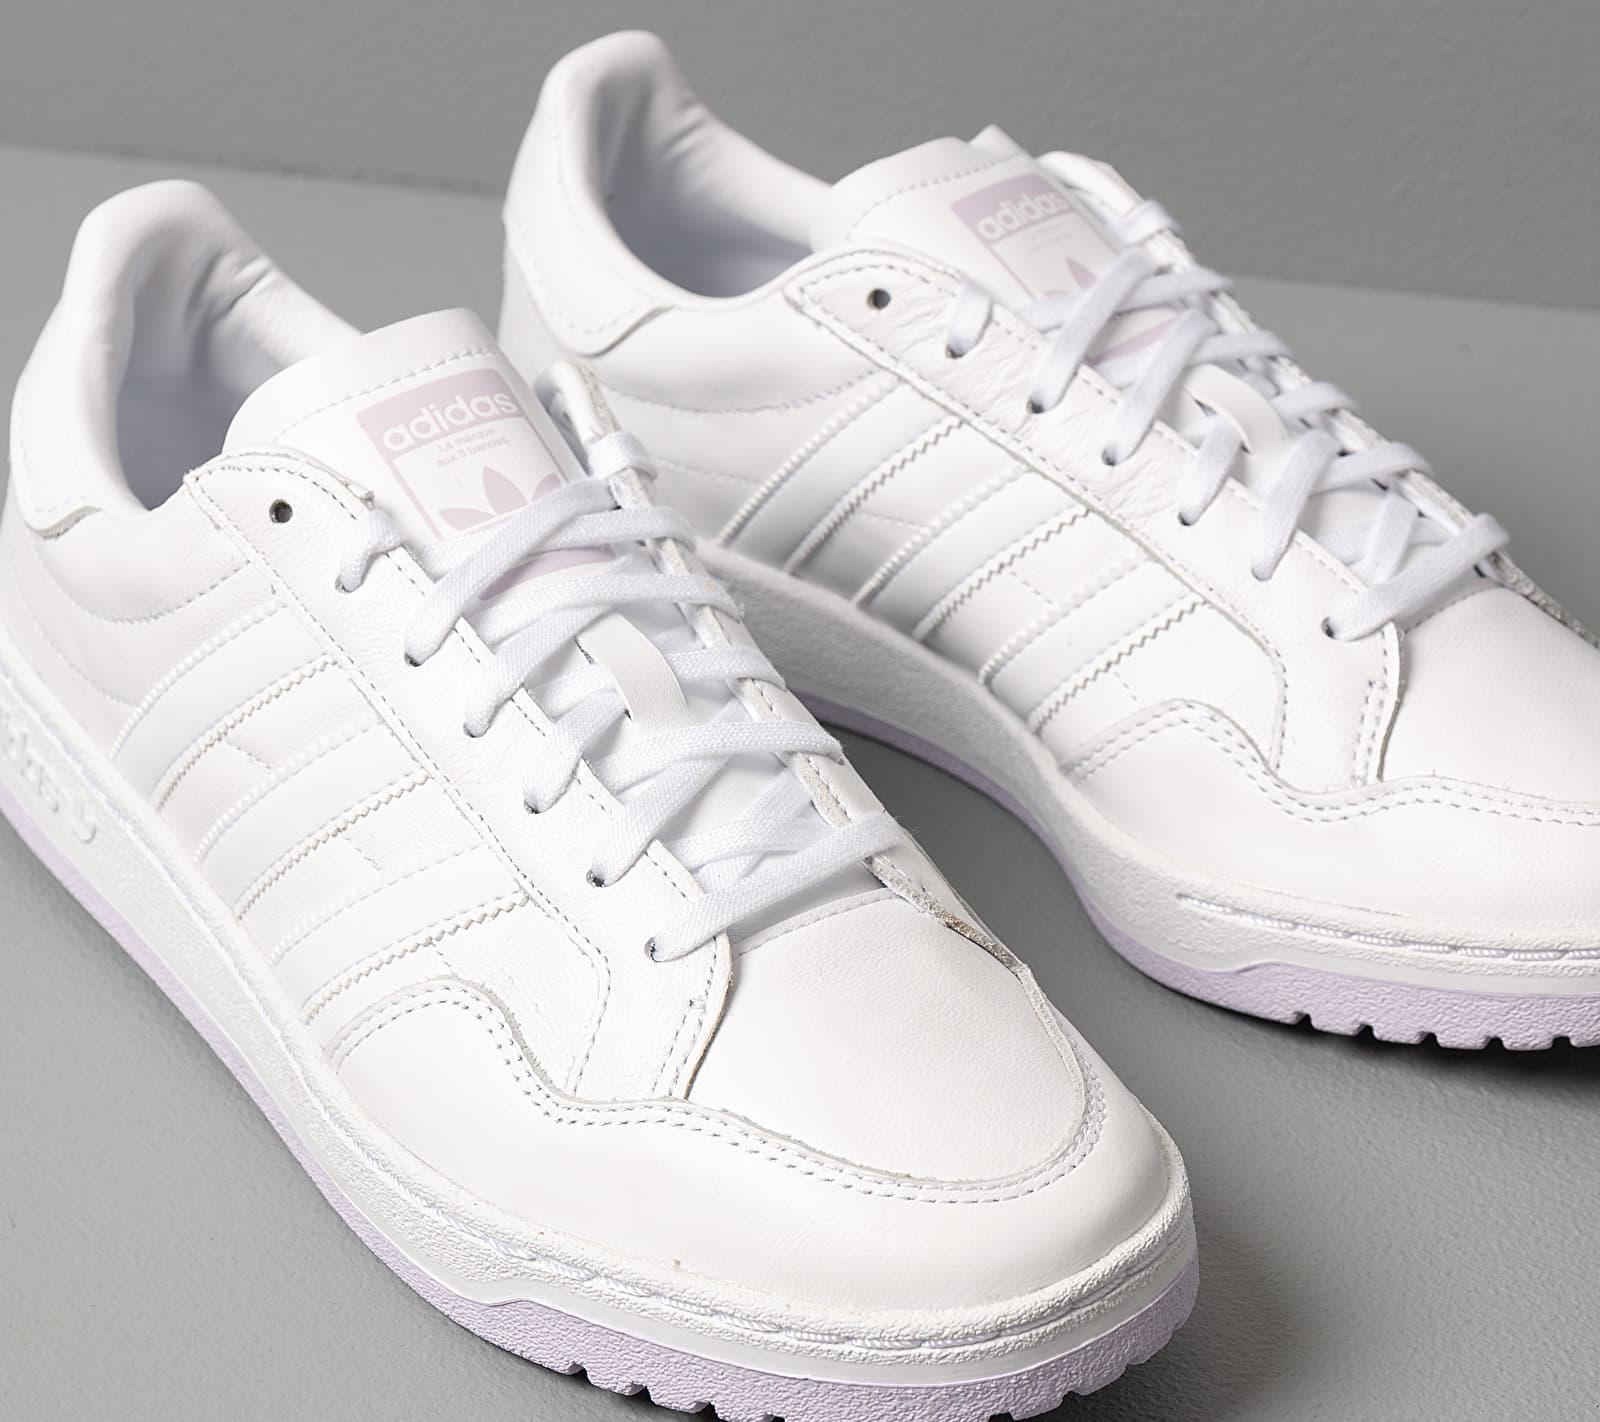 adidas Team Court W Ftw White/ Ftw White/ Purple Tint EUR 36